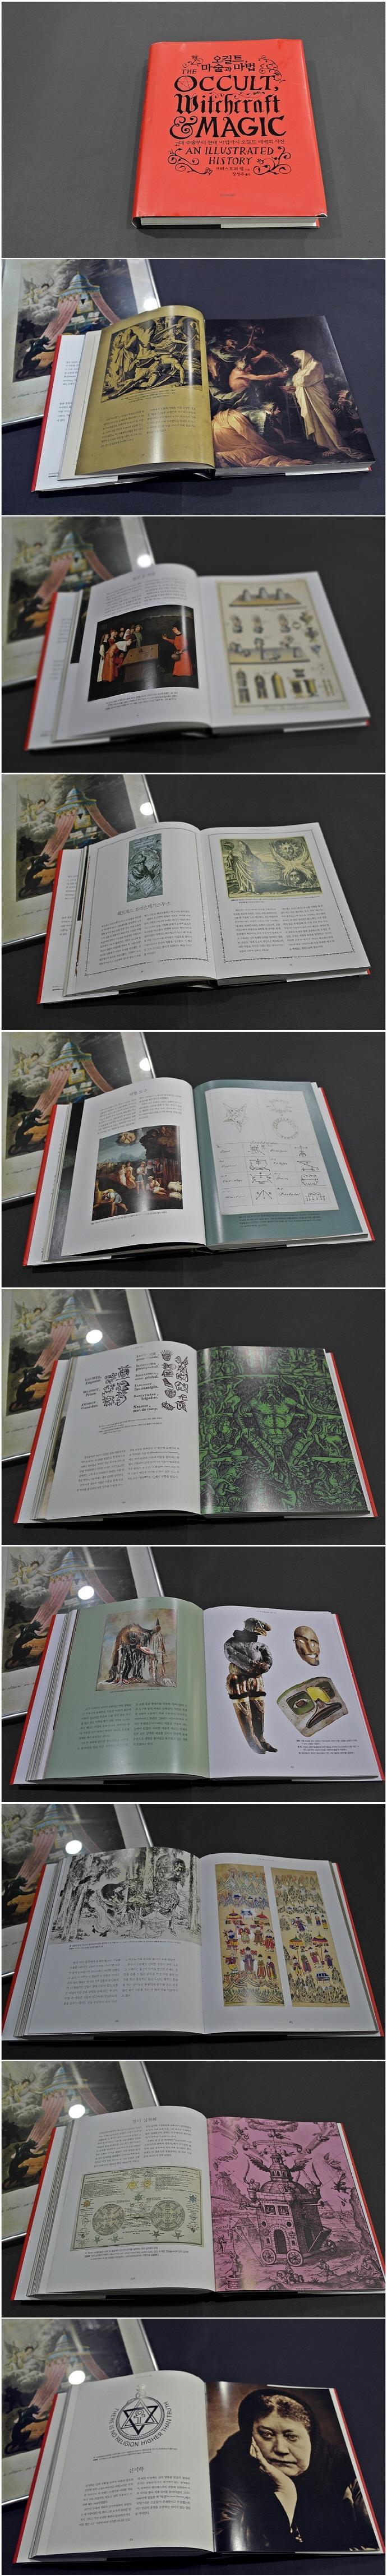 오컬트, 마술과 마법(양장본 HardCover) 도서 상세이미지